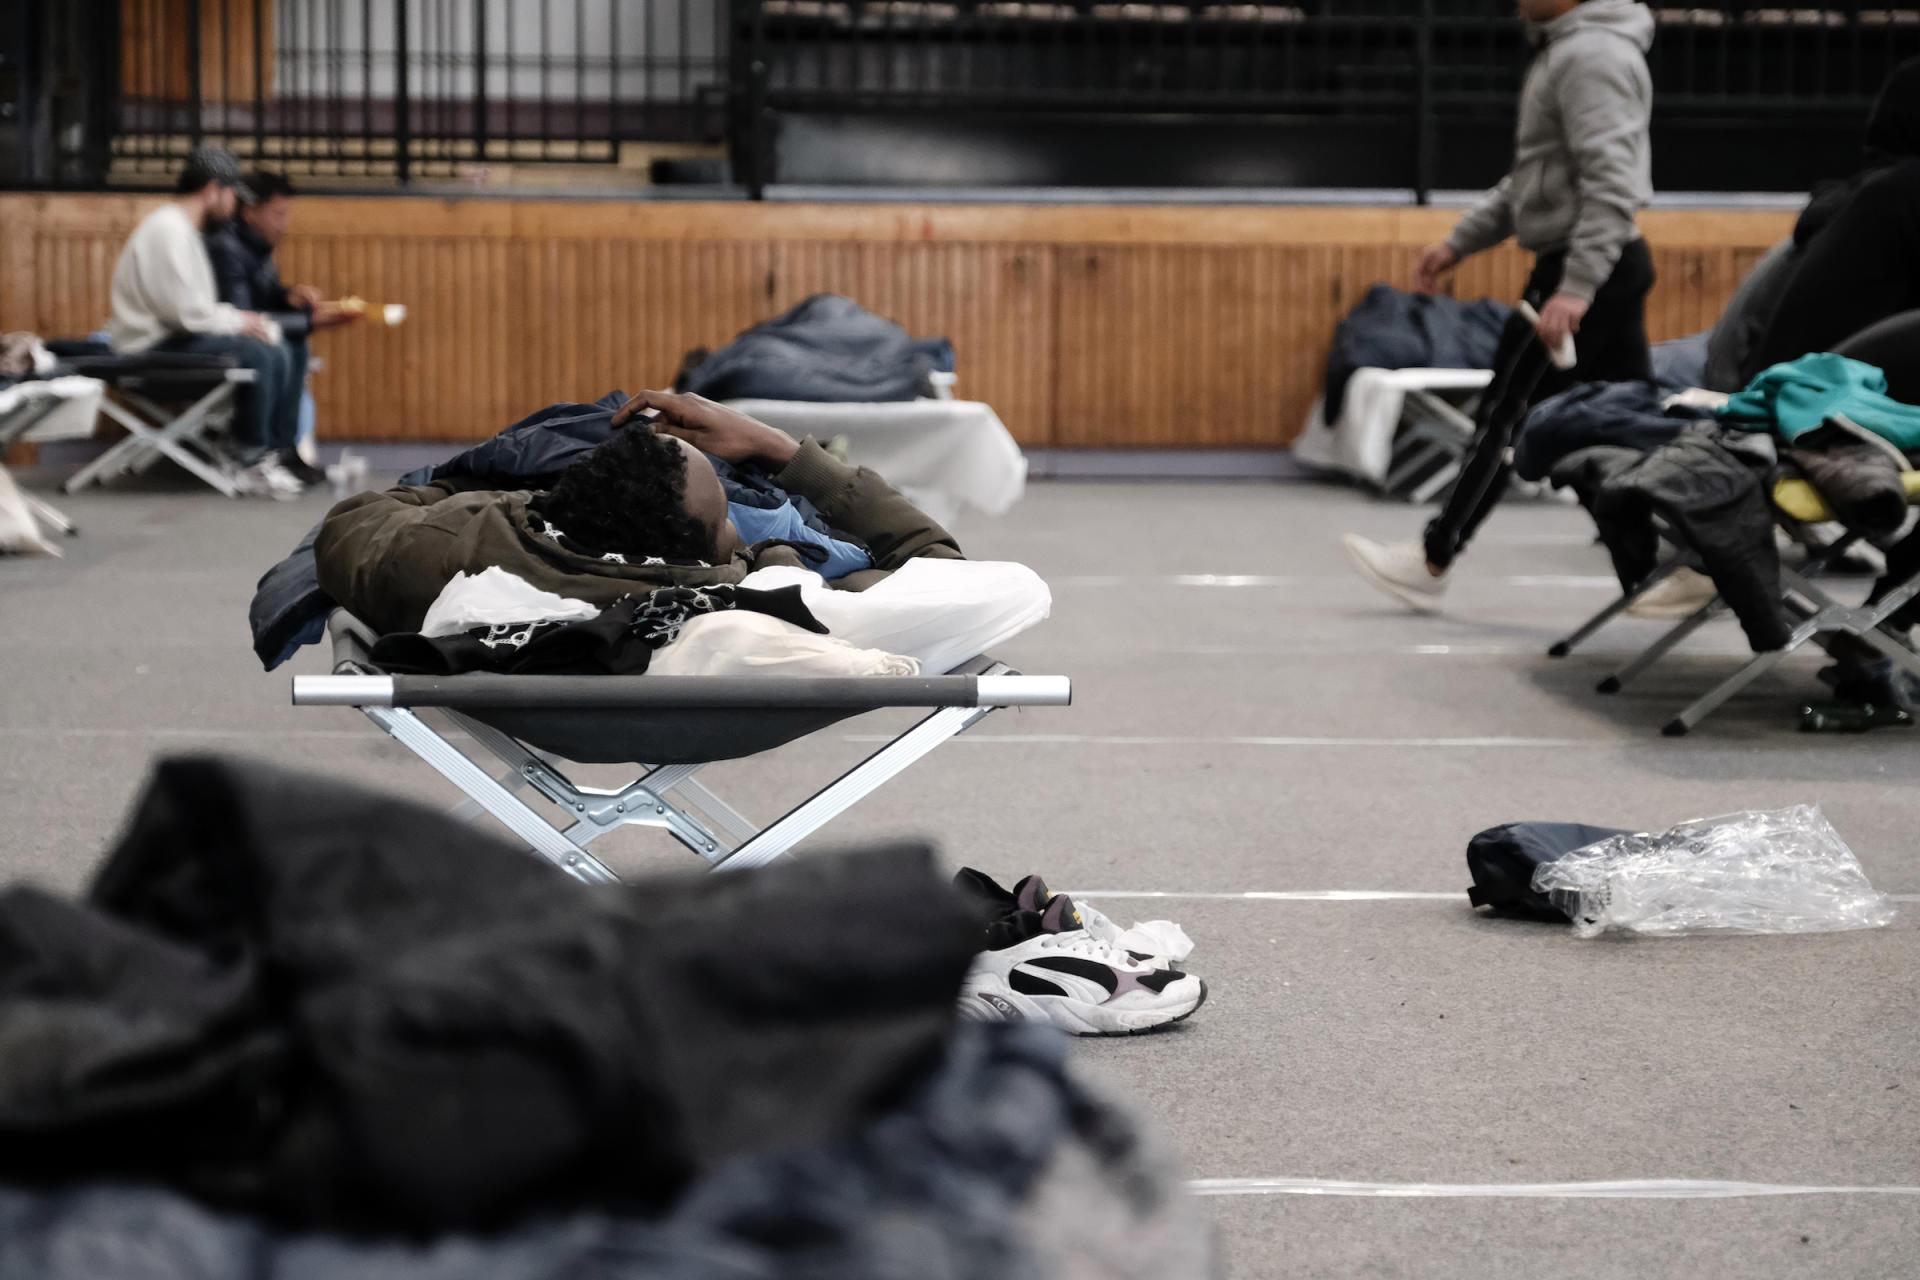 Les lits de camp, dans le gymnase, respectent les distances de sécurité sanitaire.